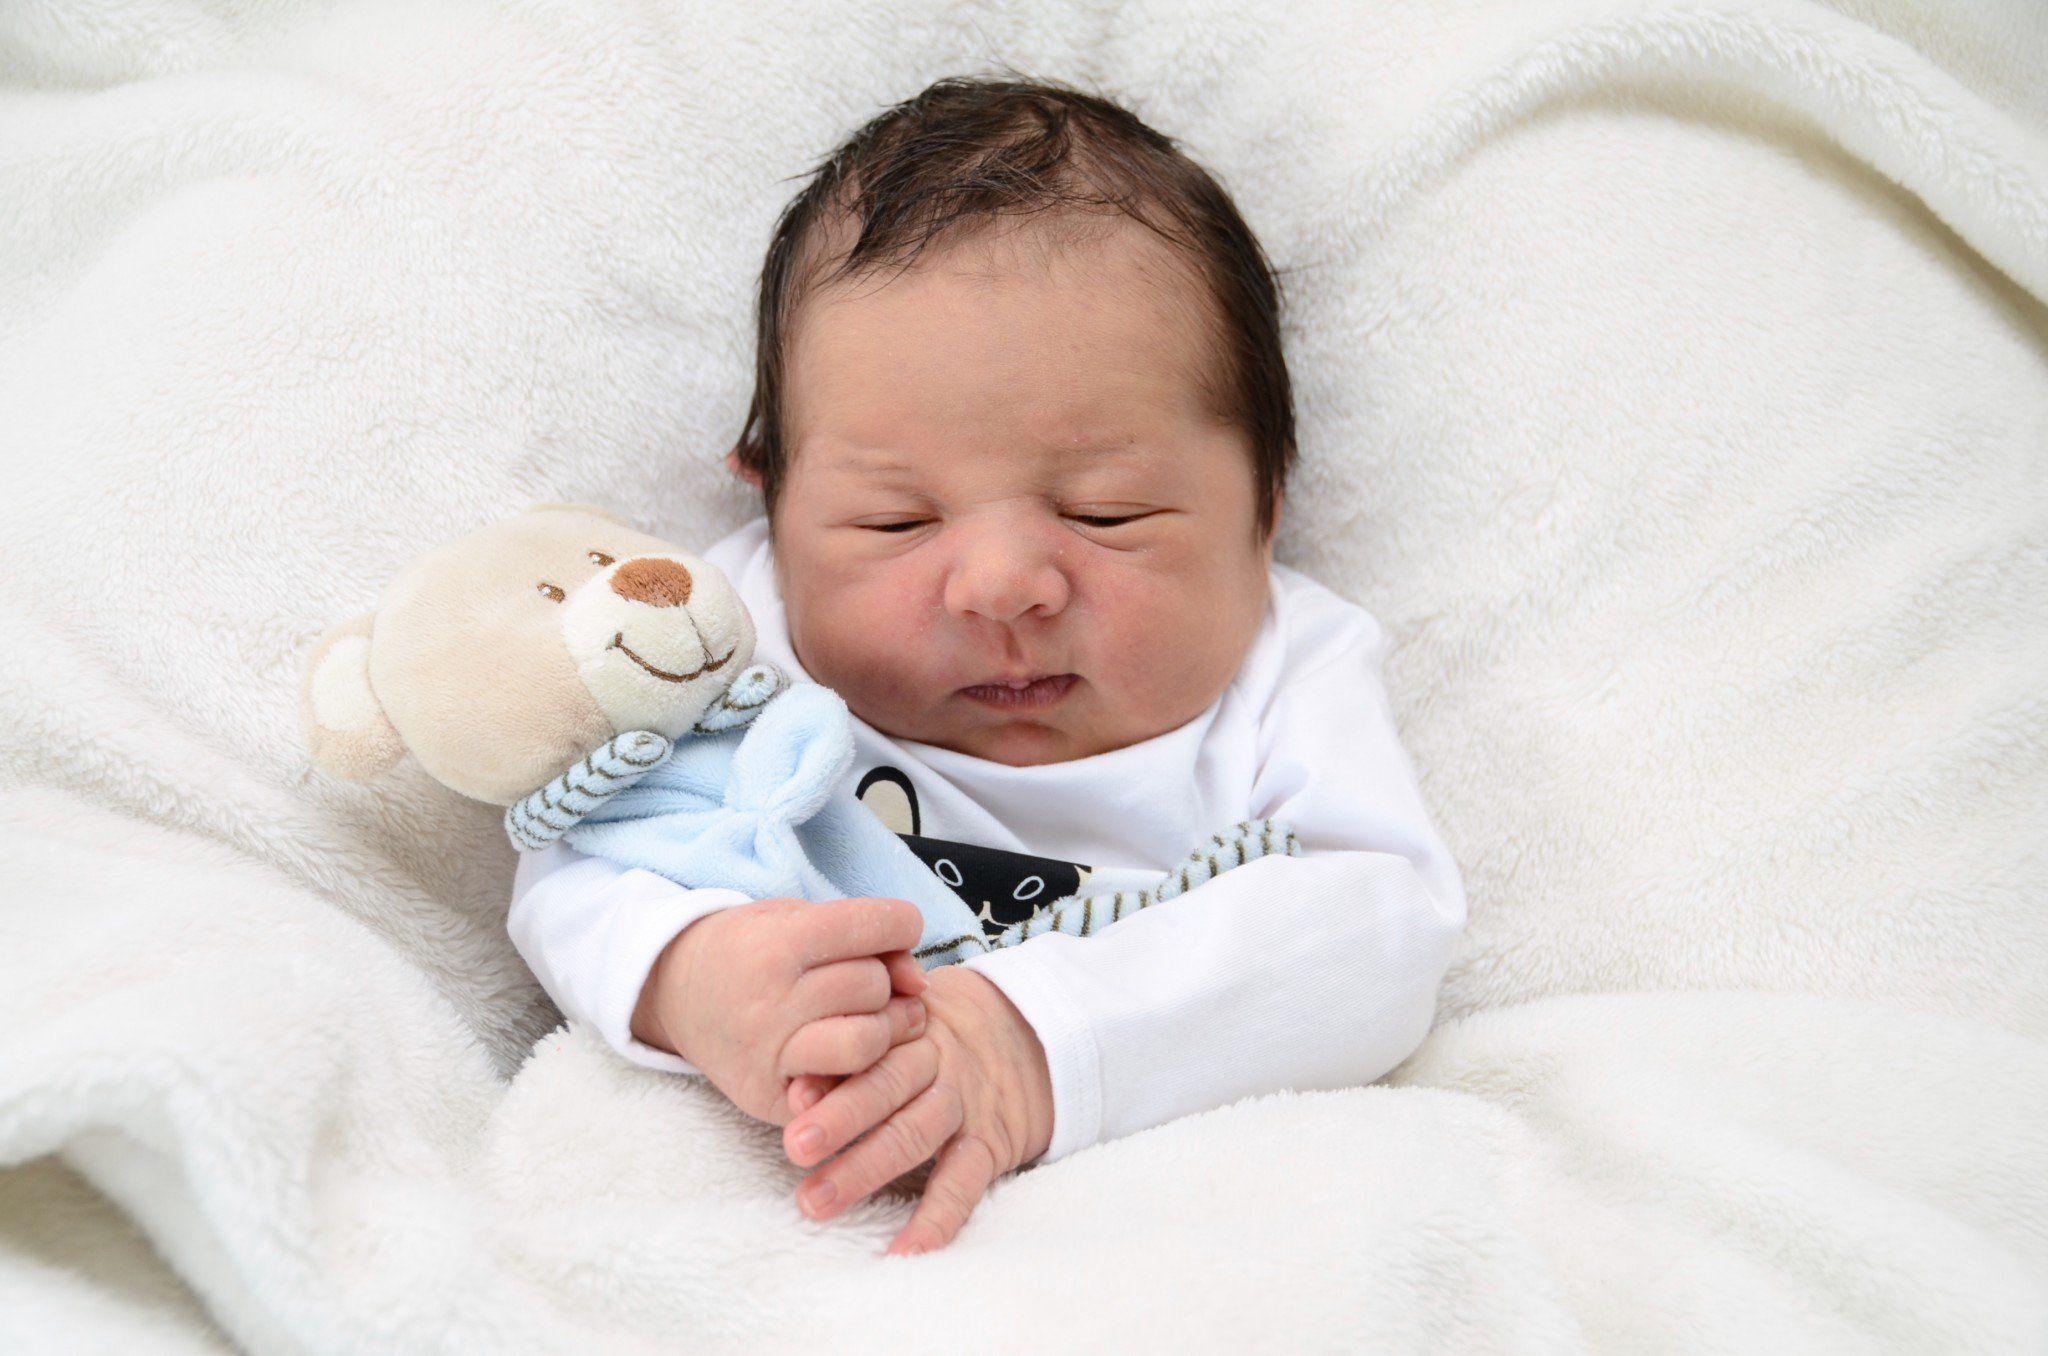 Geburt Von Lino Frederik Johann Feurstein Am 6 Mai 2014